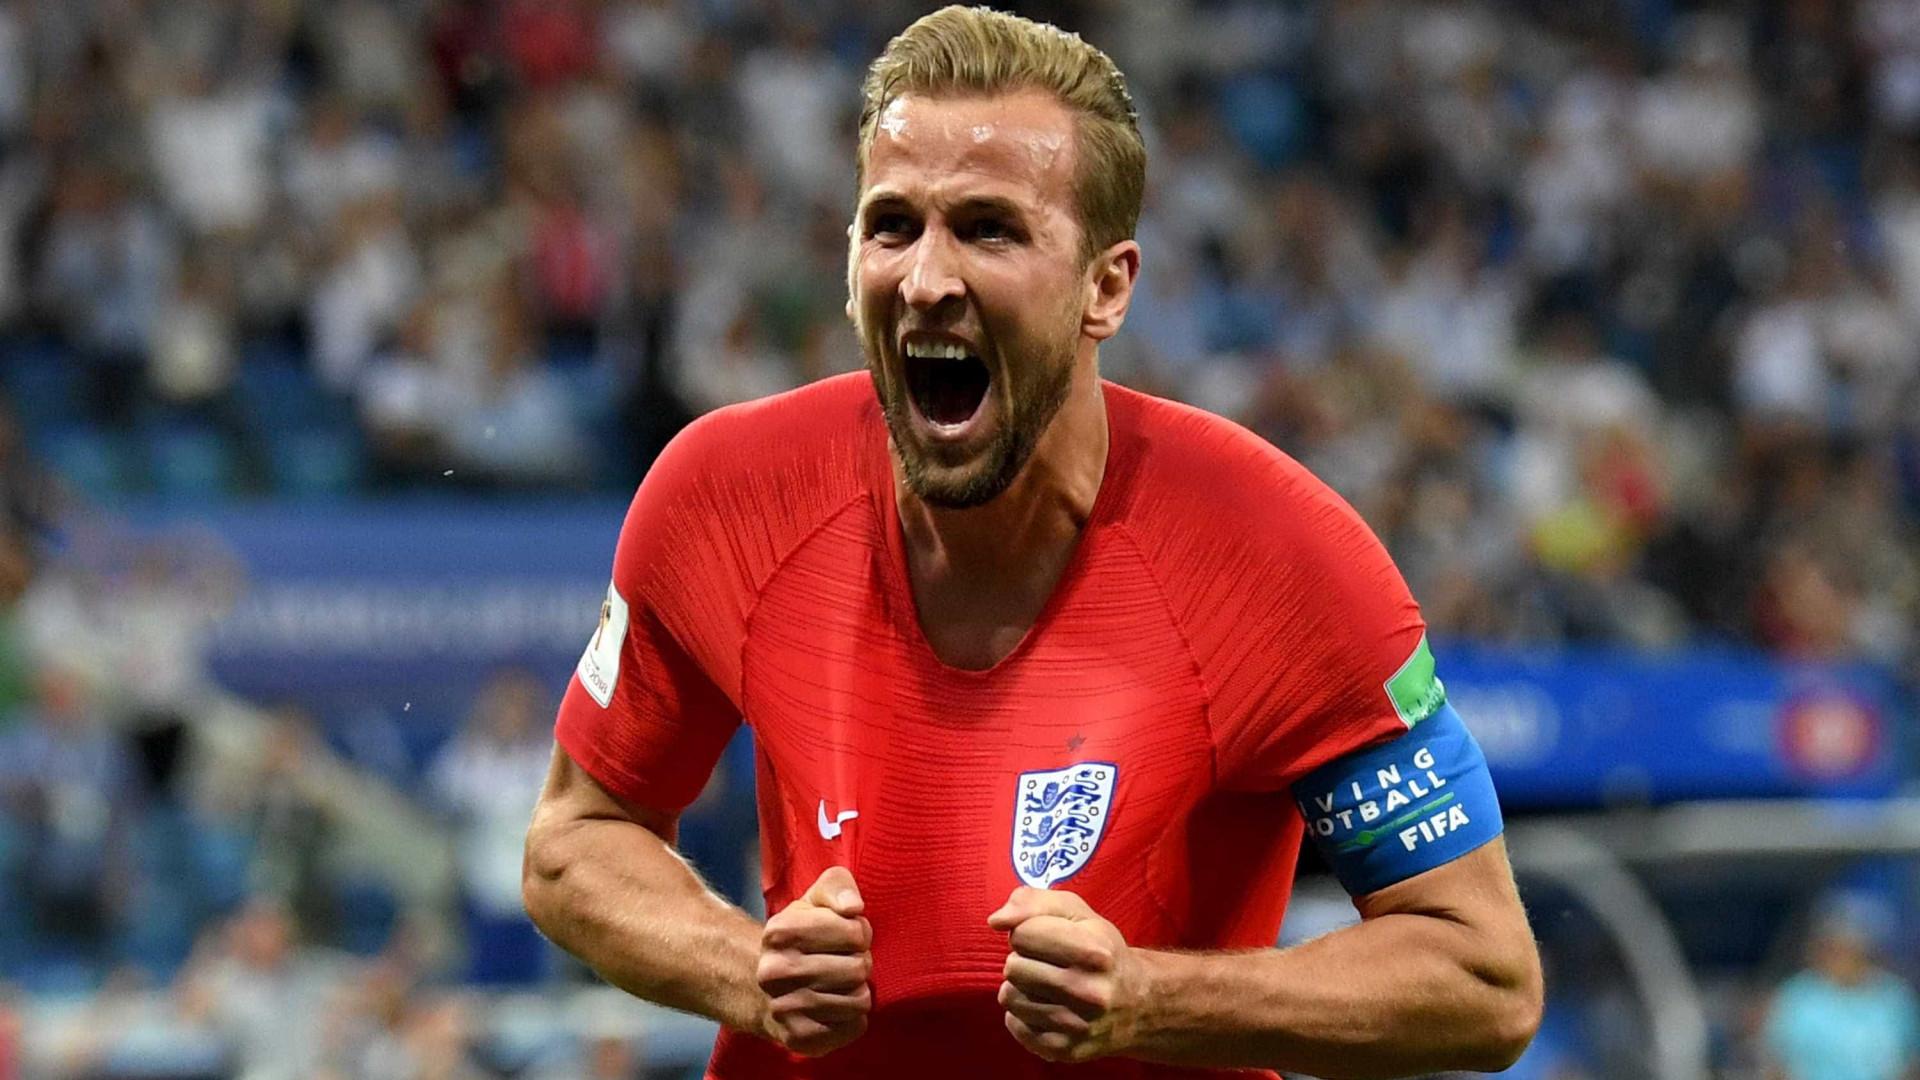 Estreia reforça Kane como líder e astro da Inglaterra pós-Rooney